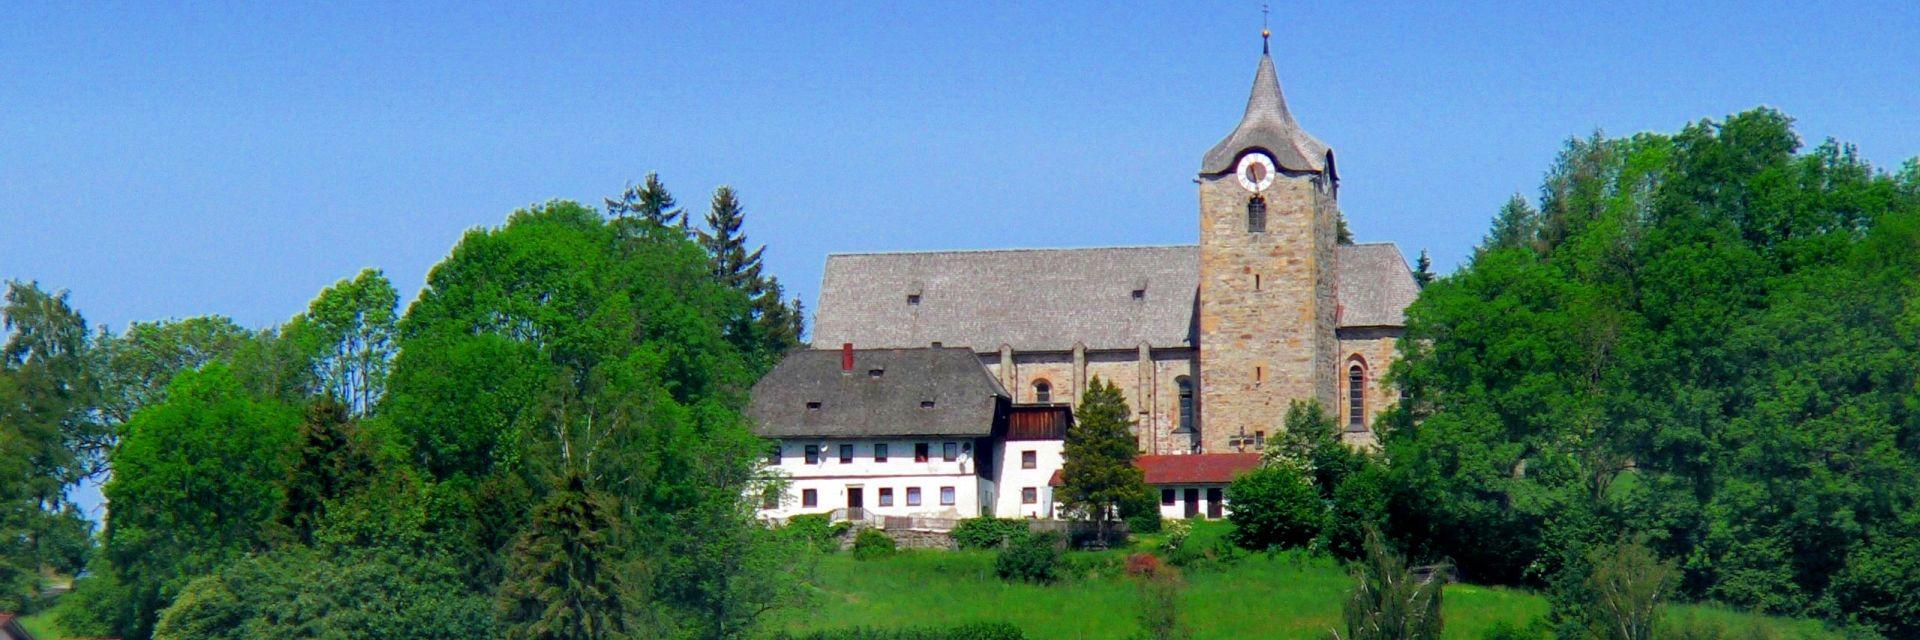 kirchberg-im-bayerischen-wald-sehenswuerdigkeiten-kirche